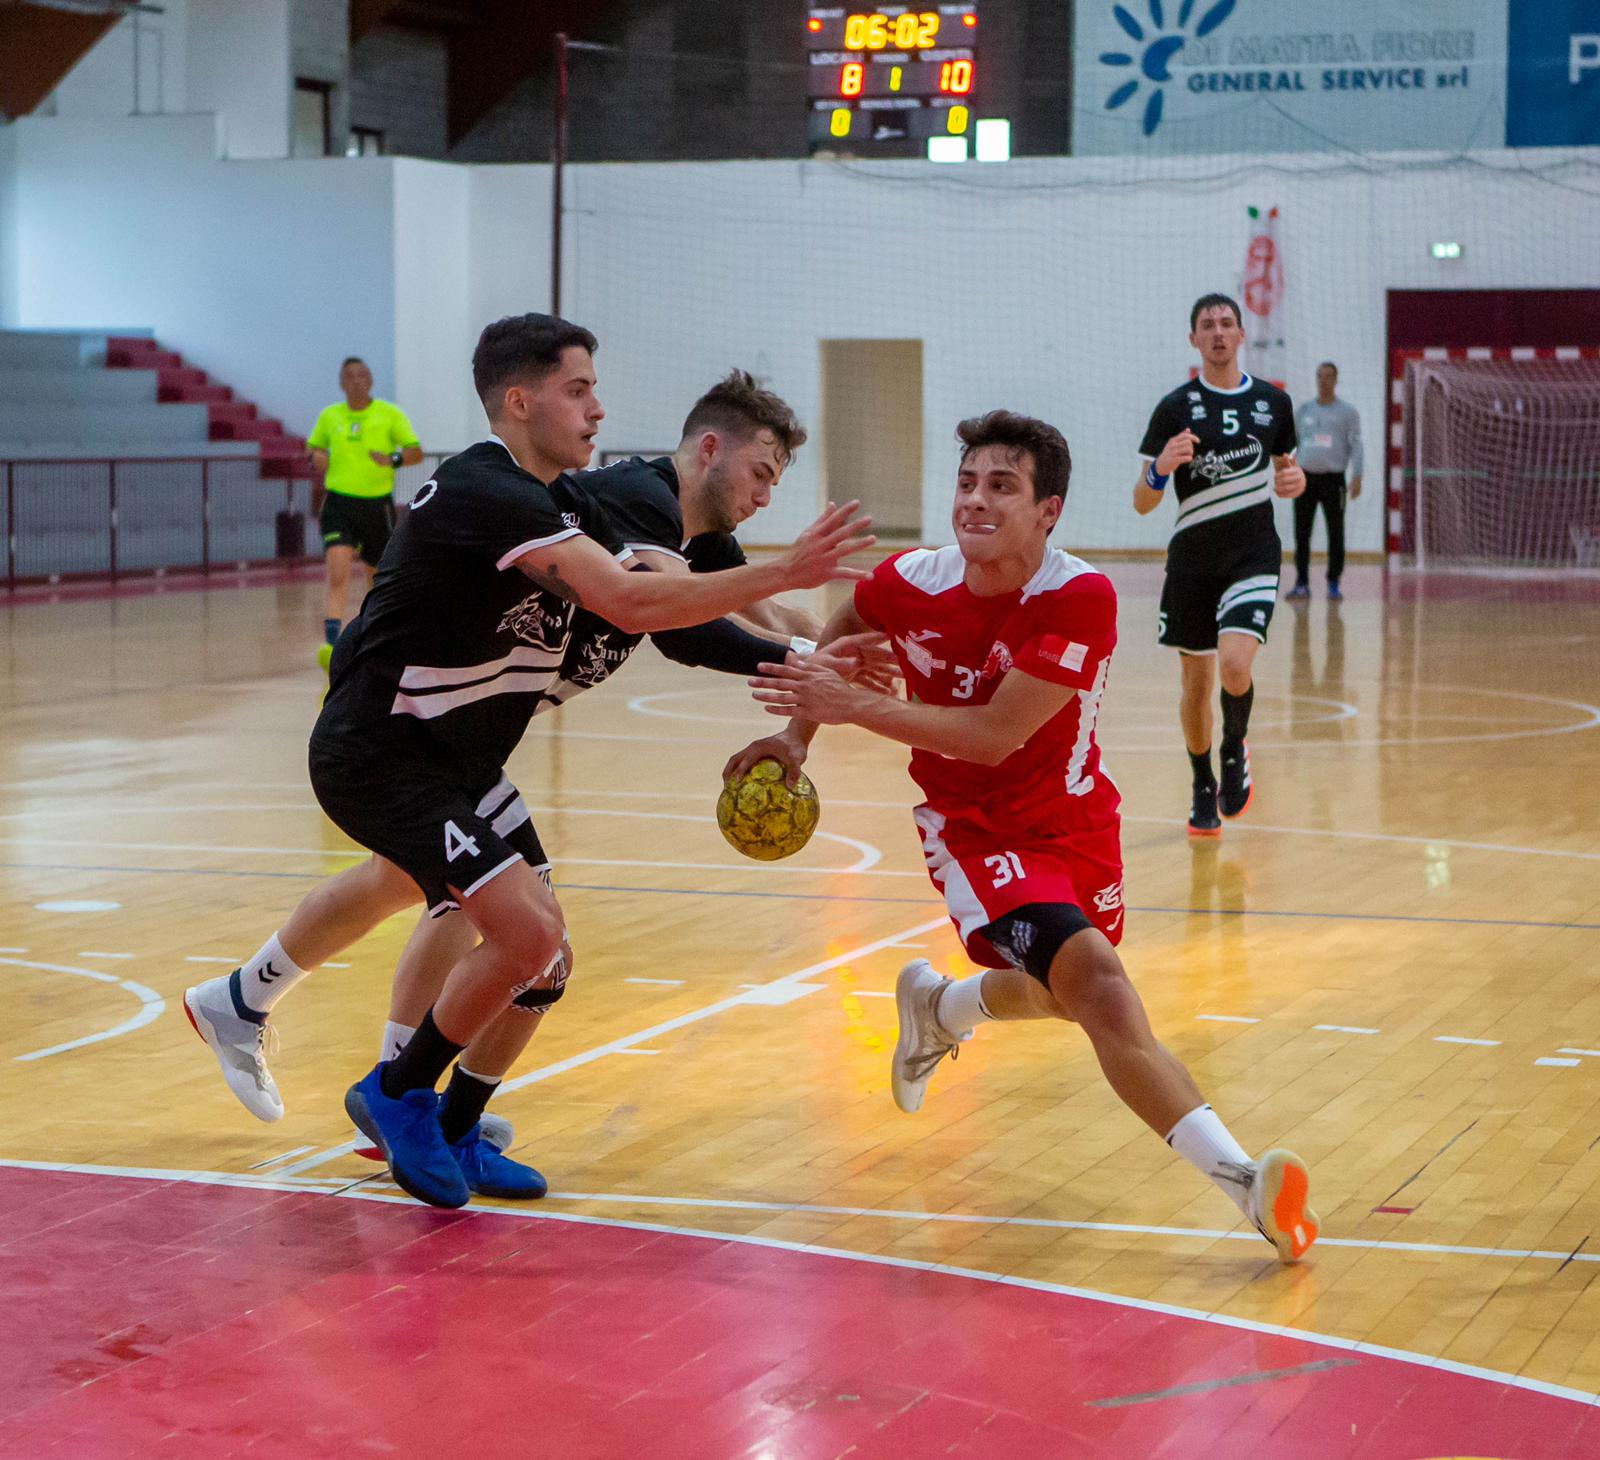 Handball A2/M, esordio non fortunato per il Teramo: passa Cingoli di misura (25-27)